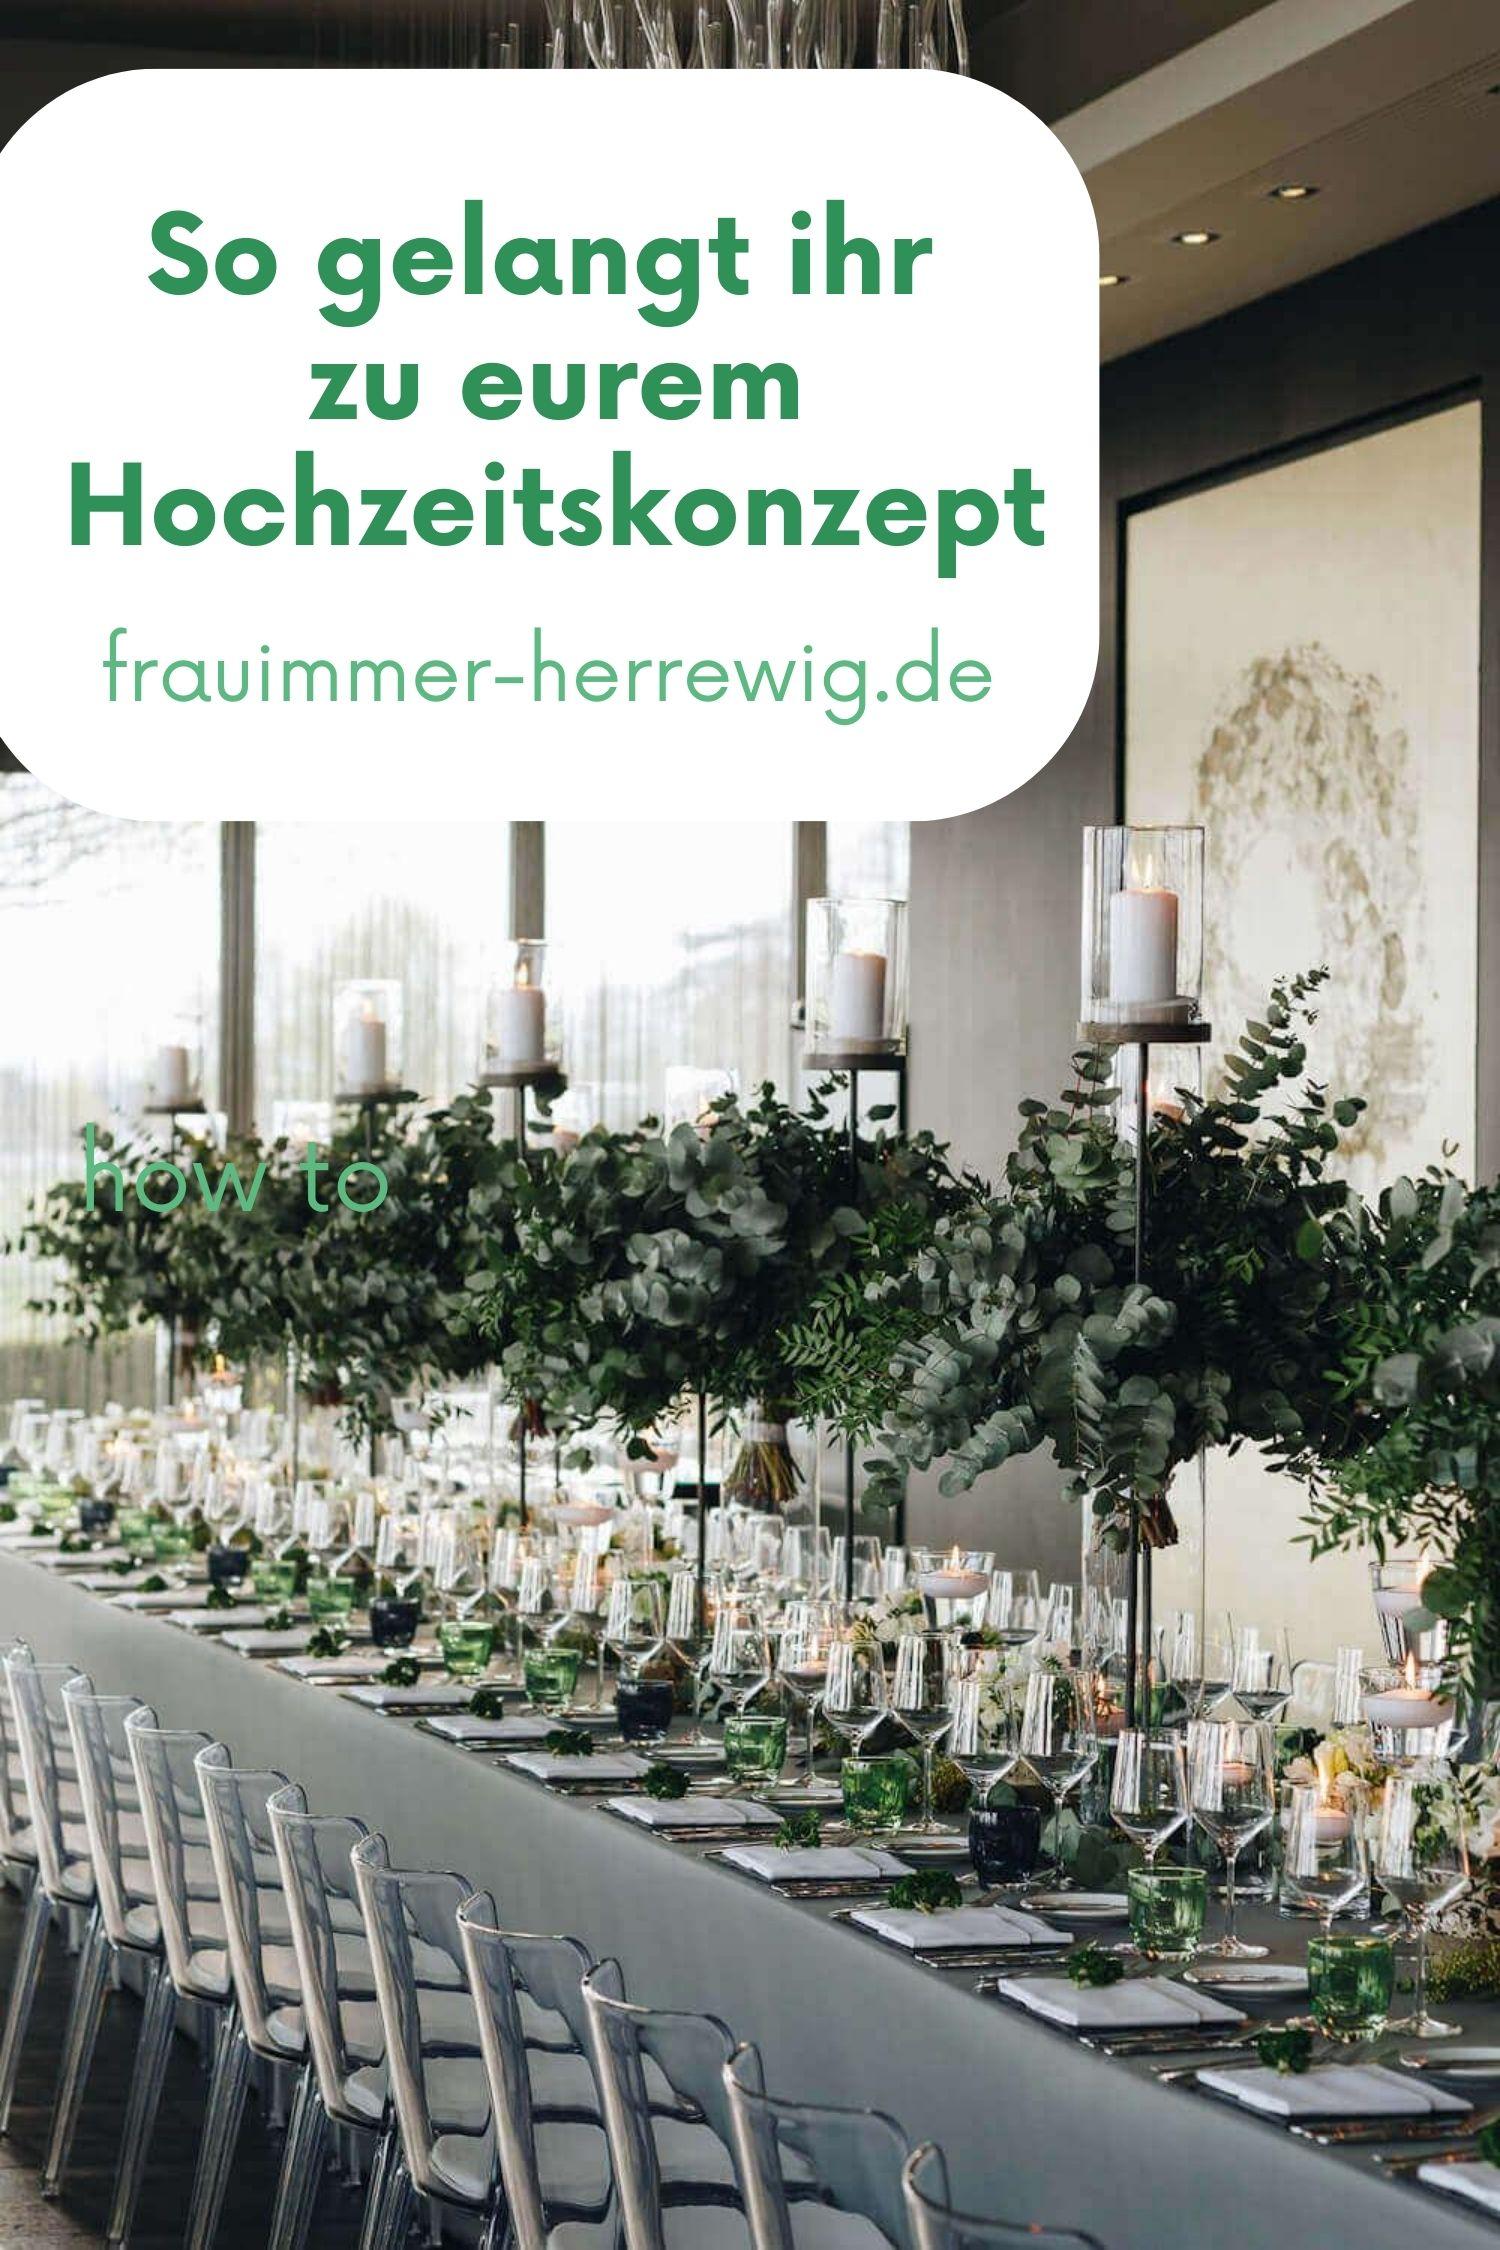 Hochzeitskonzept finden – gesehen bei frauimmer-herrewig.de